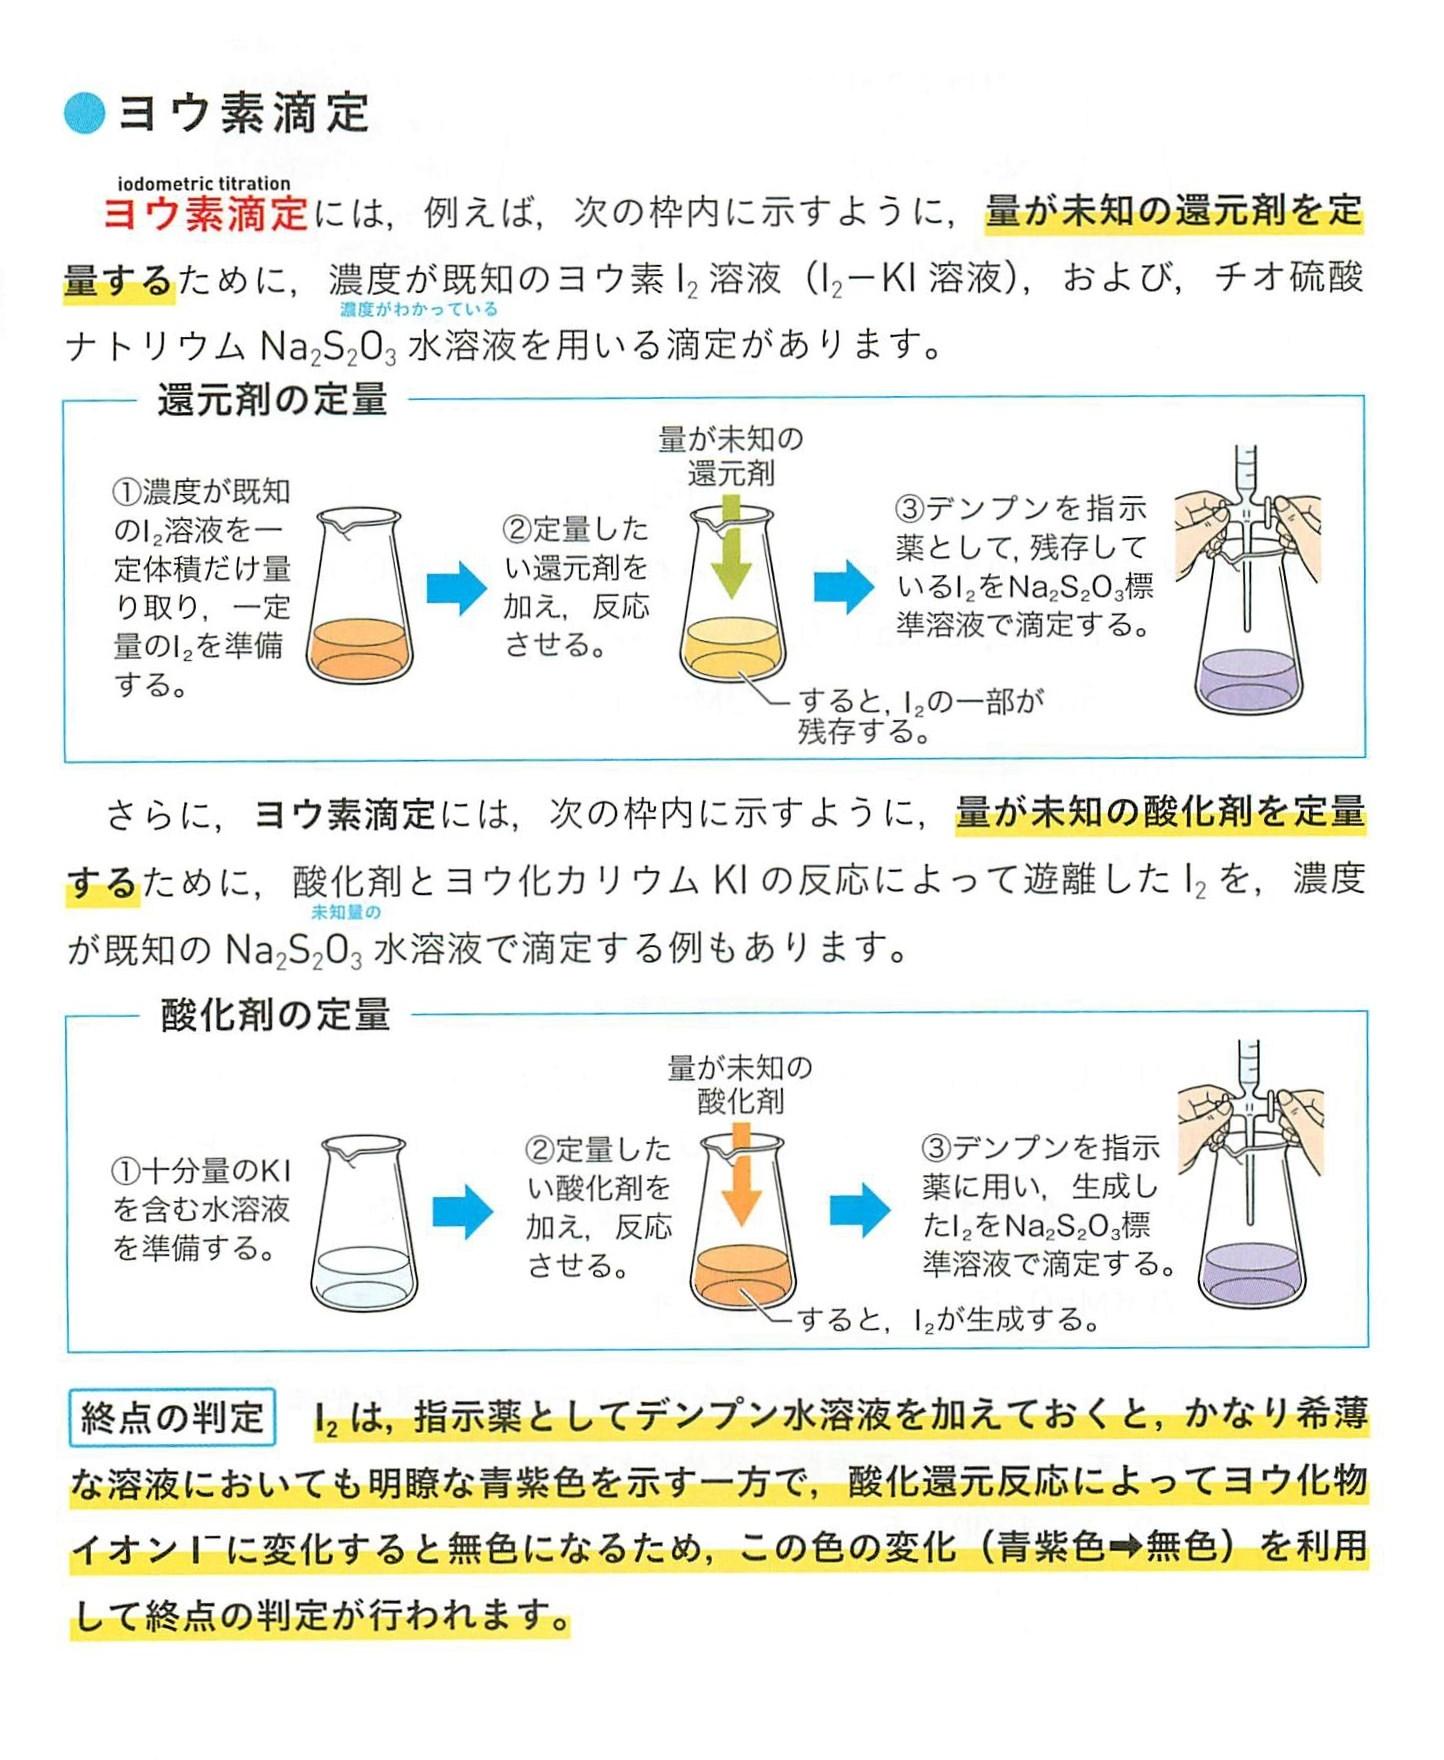 酸 カリウム 酸化 過 水素 マンガン 過